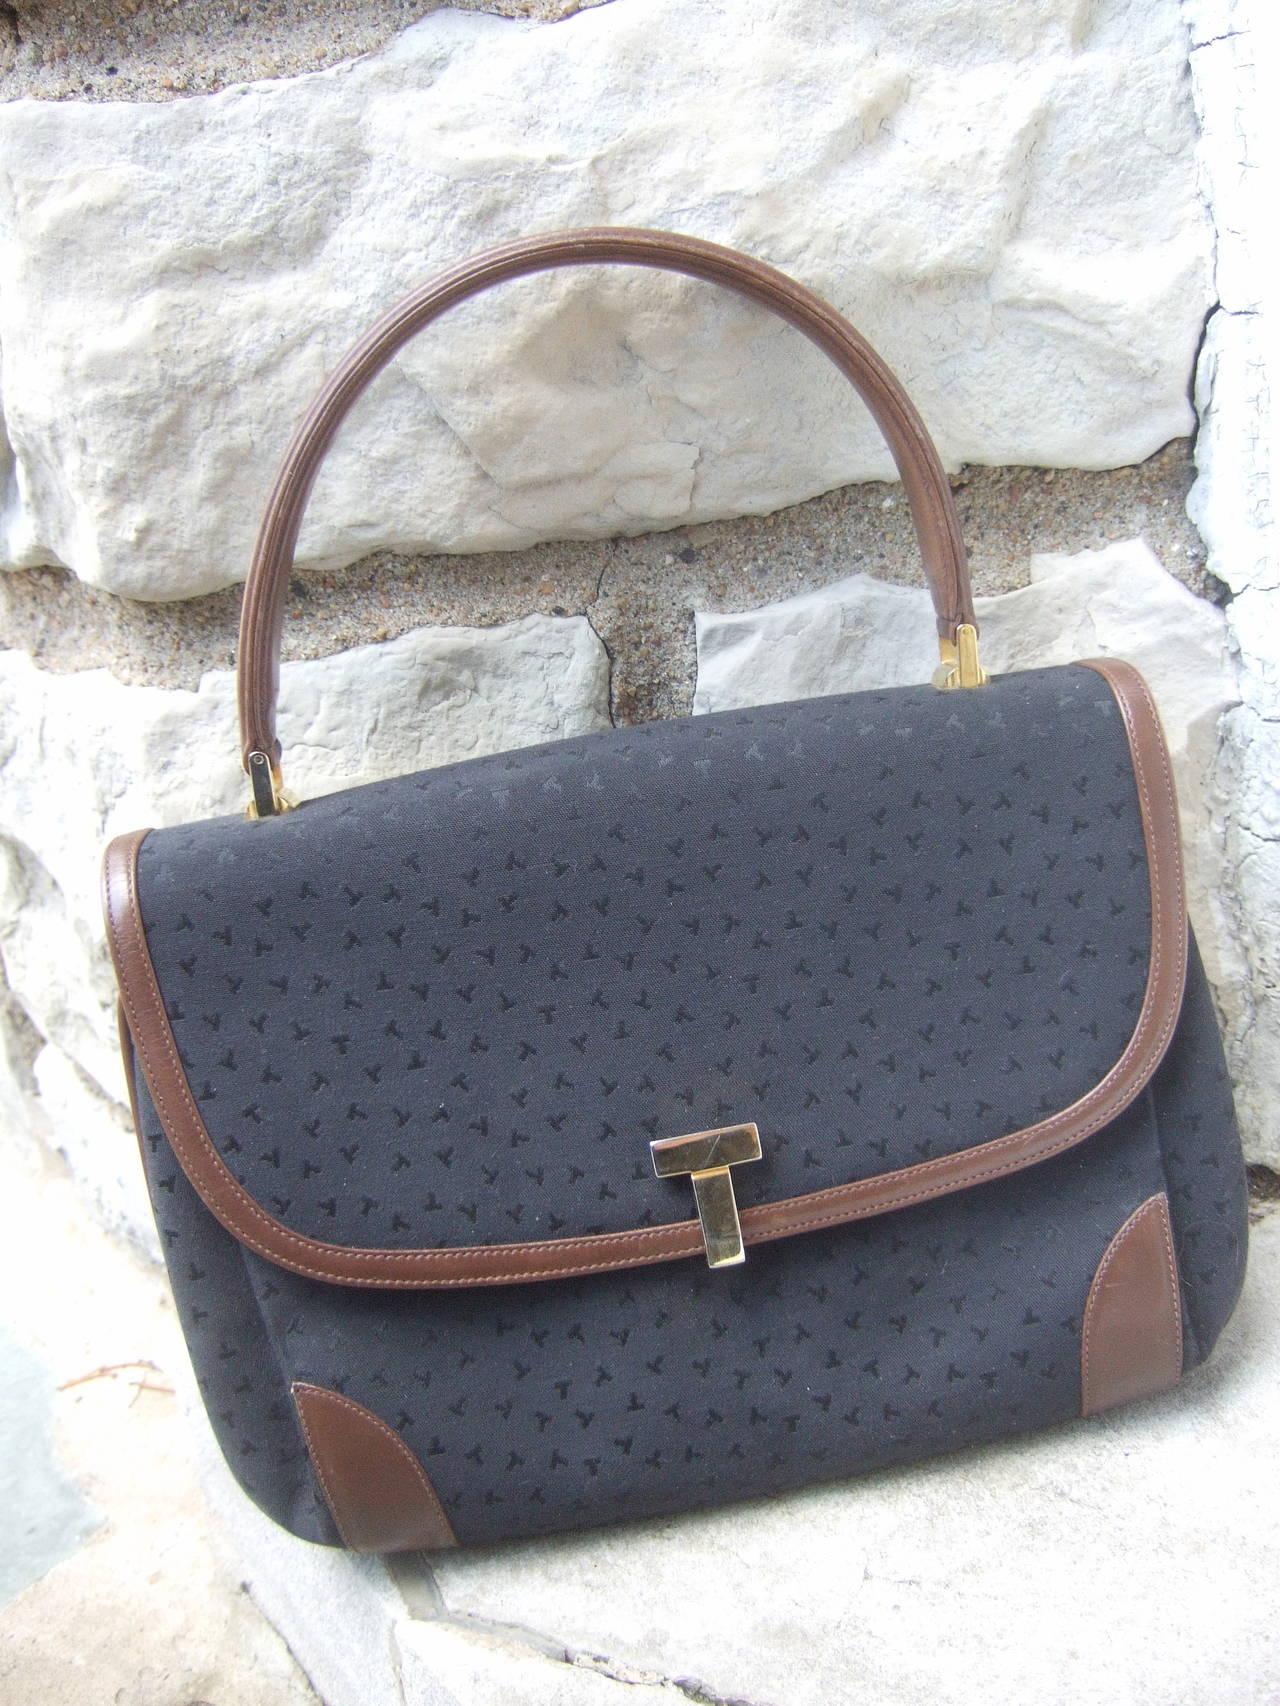 Tiffany & Company Black Canvas Handbag Made in Italy c 1980 In Good Condition For Sale In Santa Barbara, CA